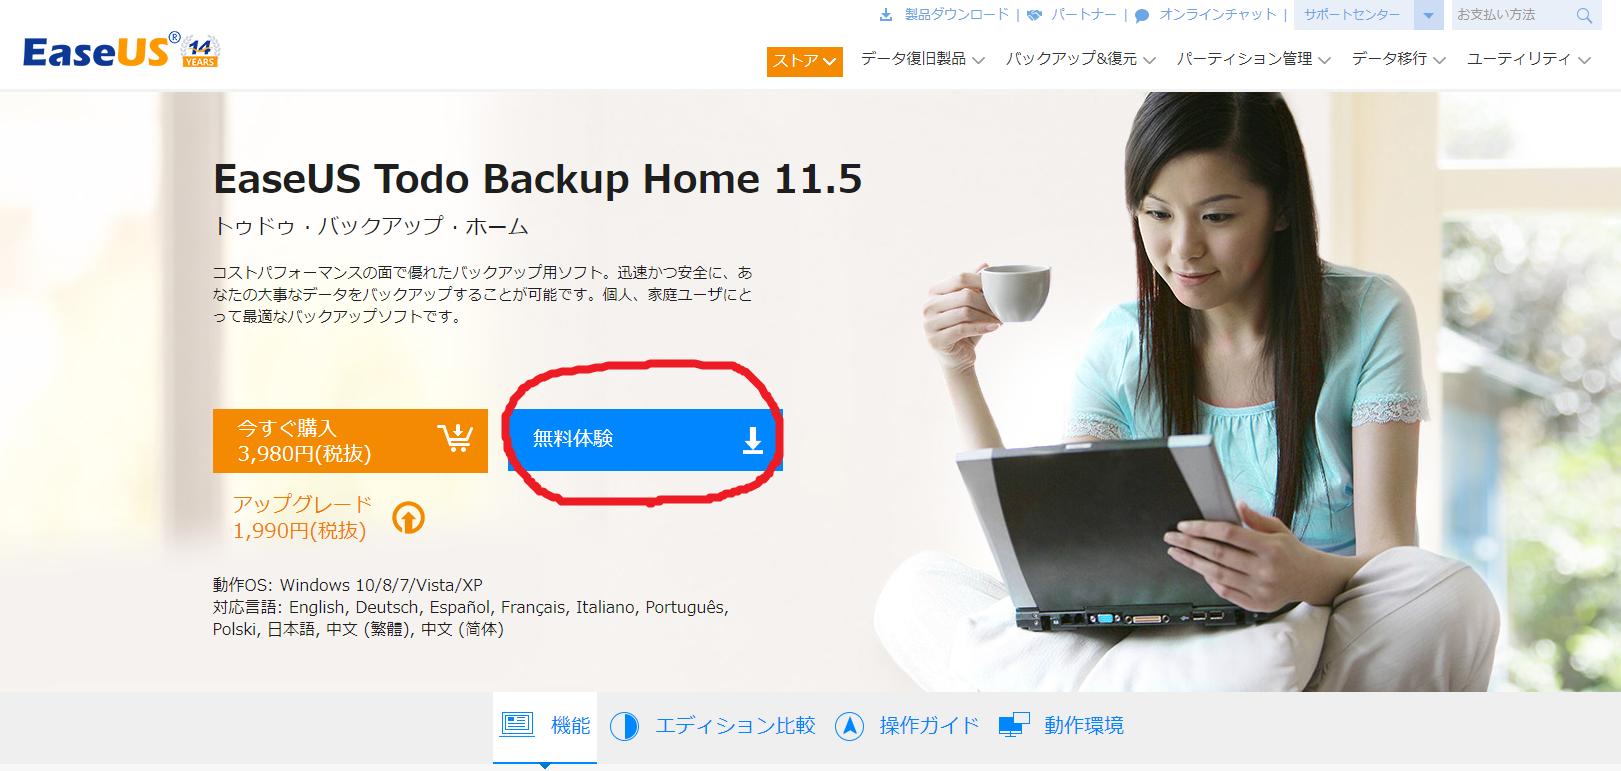 EaseUS Todo Backup Homeのサイトトップページ